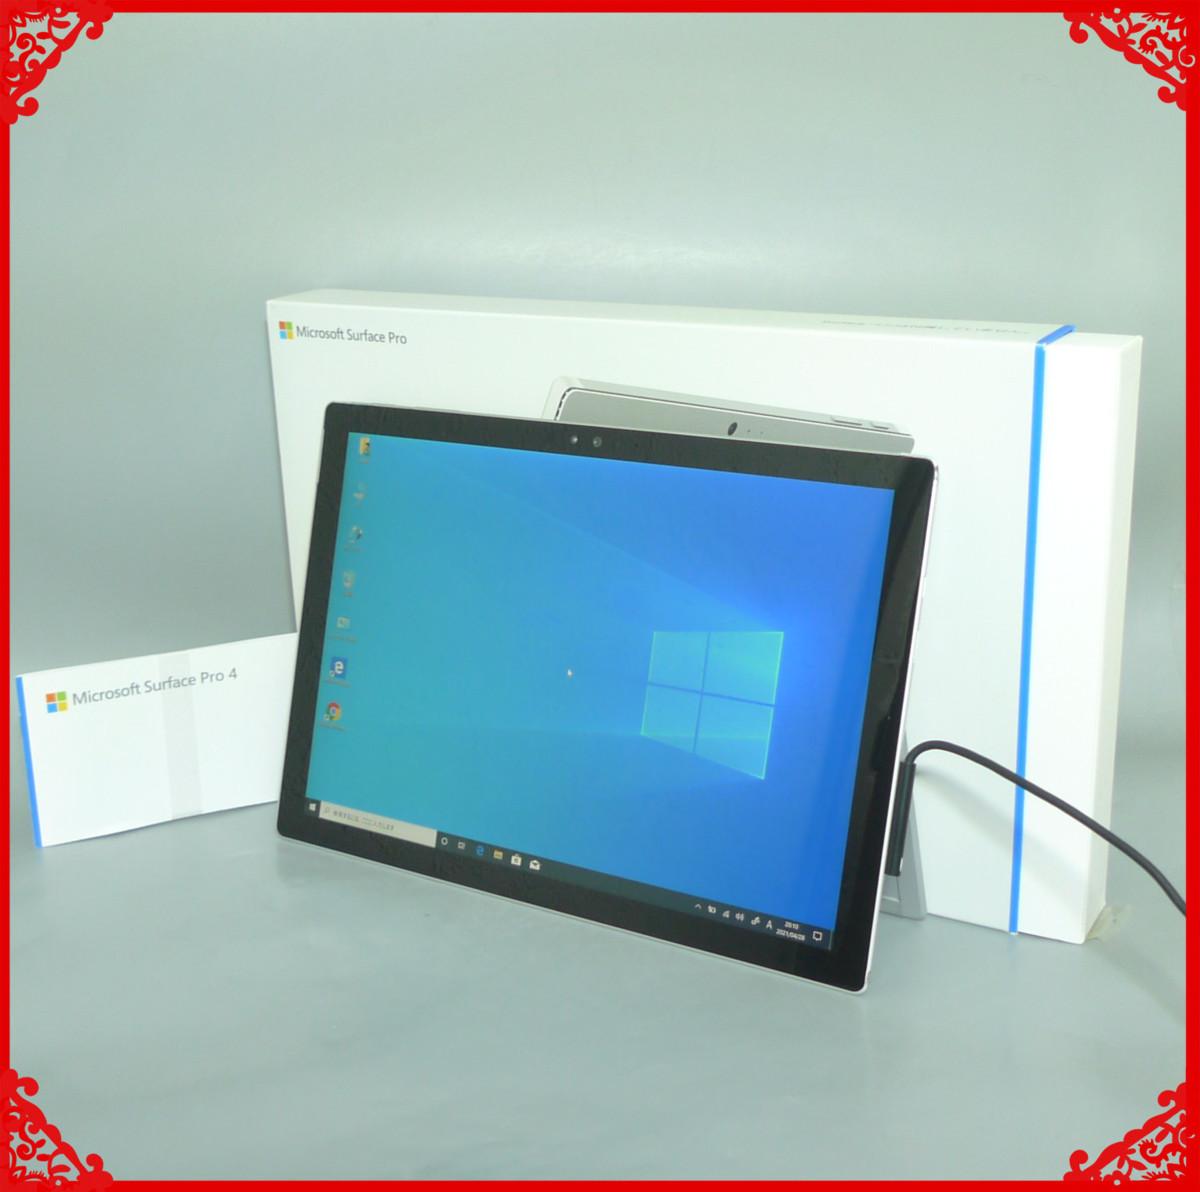 1円~ 元箱付き タブレット 中古動作良品 12インチ Microsoft Surface Pro 4 Core m3 4GB SSD-128G 無線 カメラ Windows10 LibreOffice